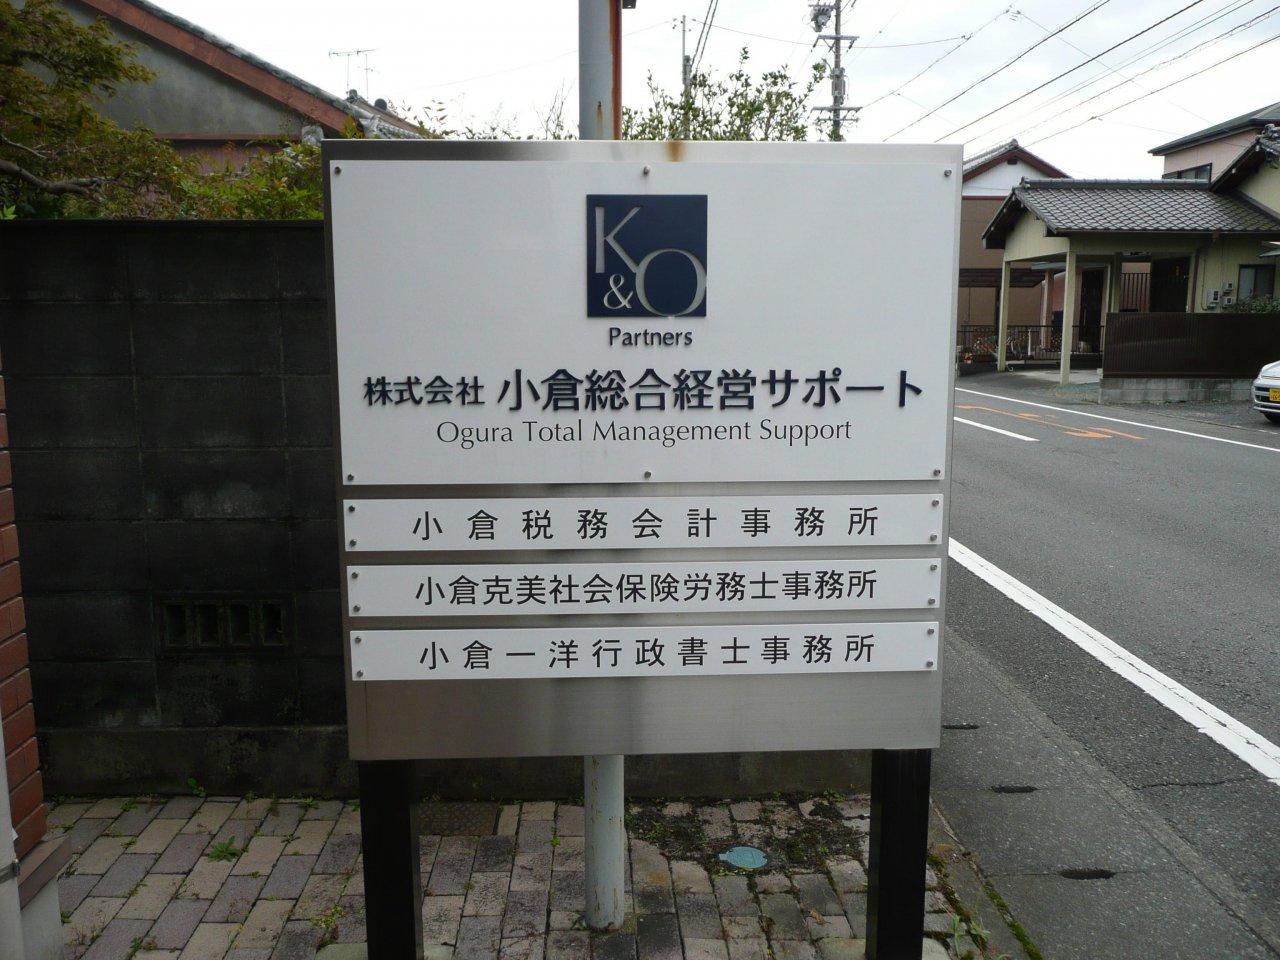 小倉税務会計事務所